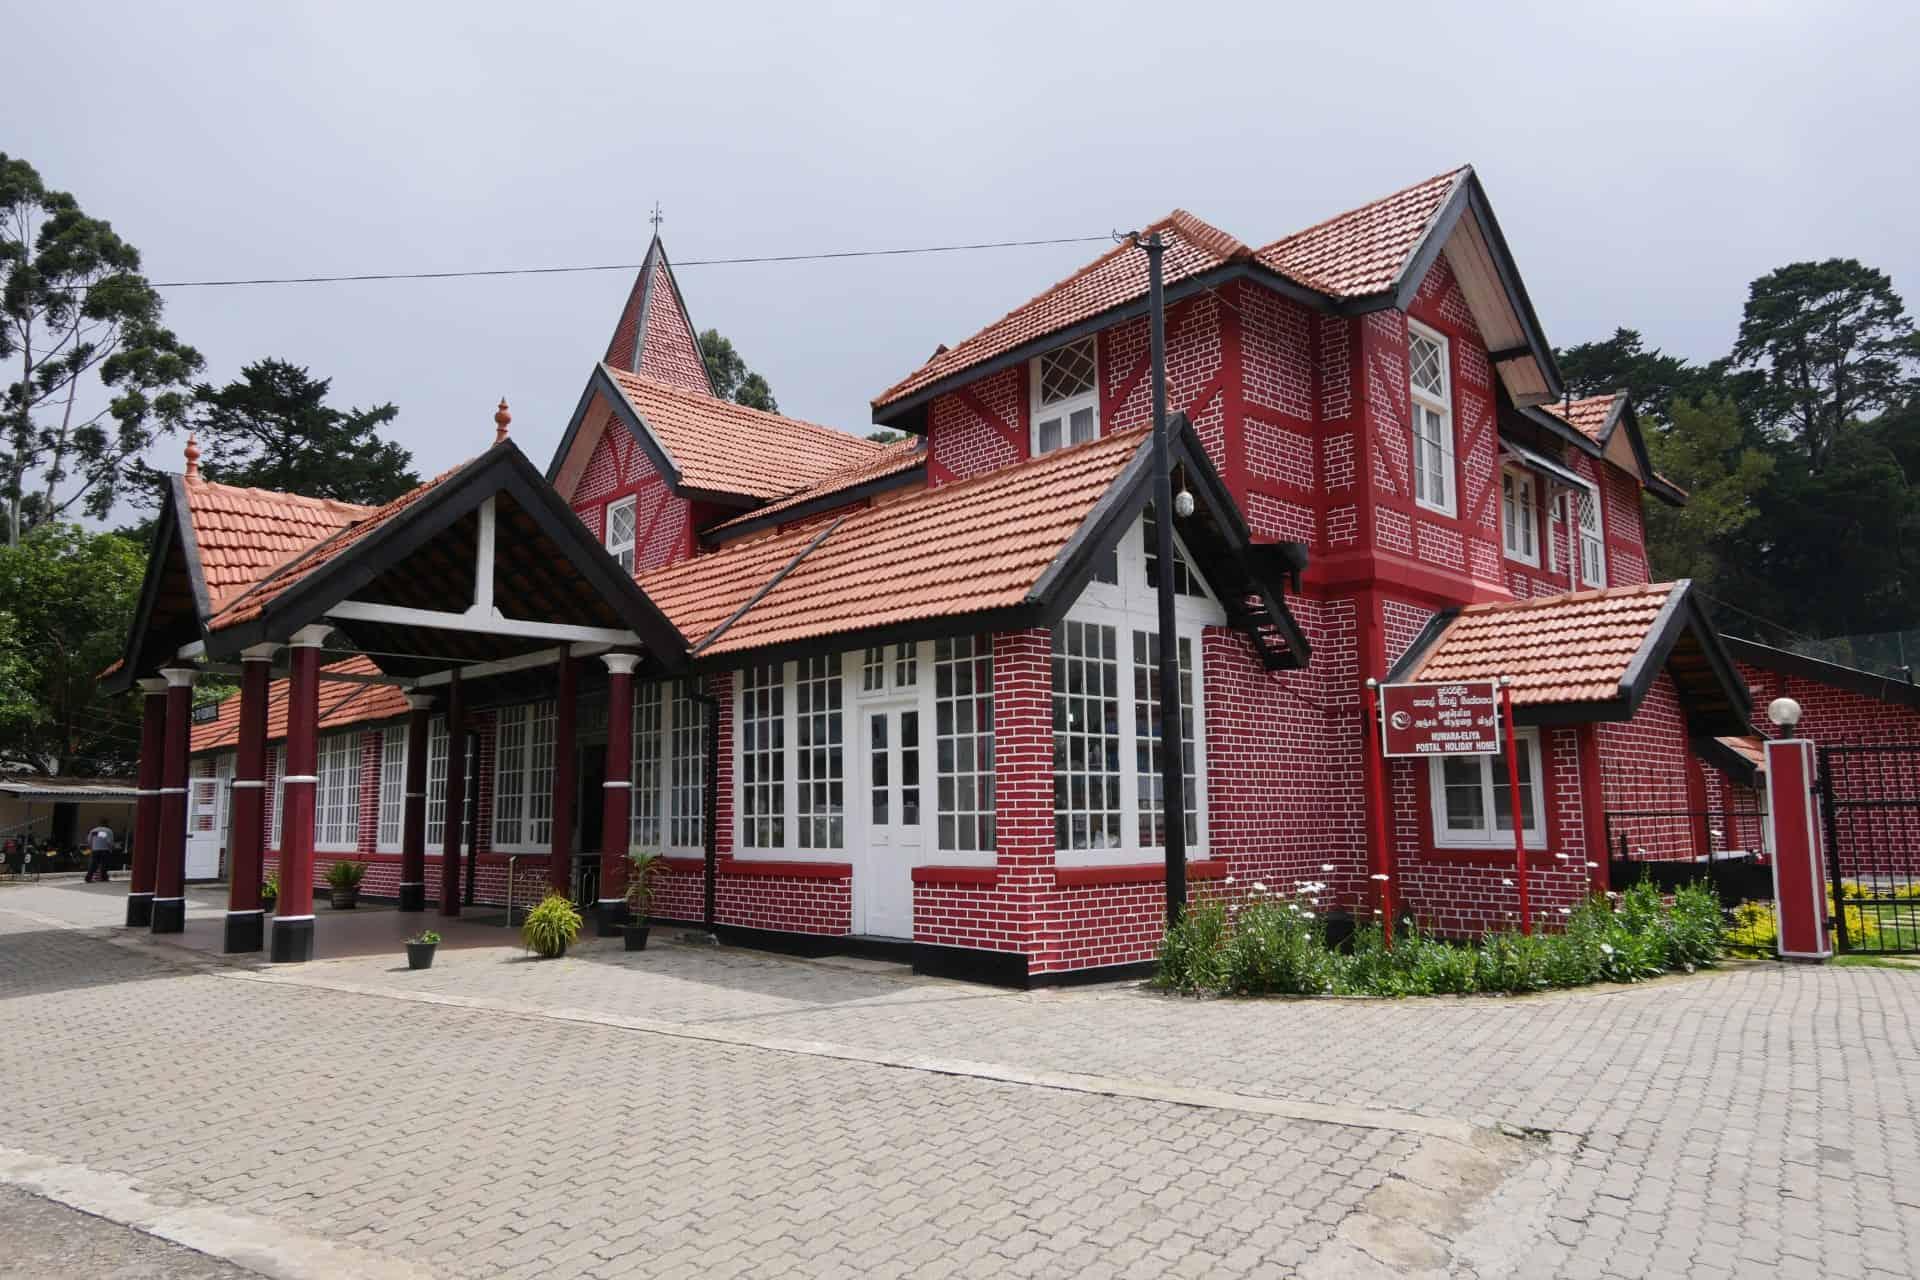 Best Things To Do In Nuwara Eliya - Nuwara Eliya Post Office